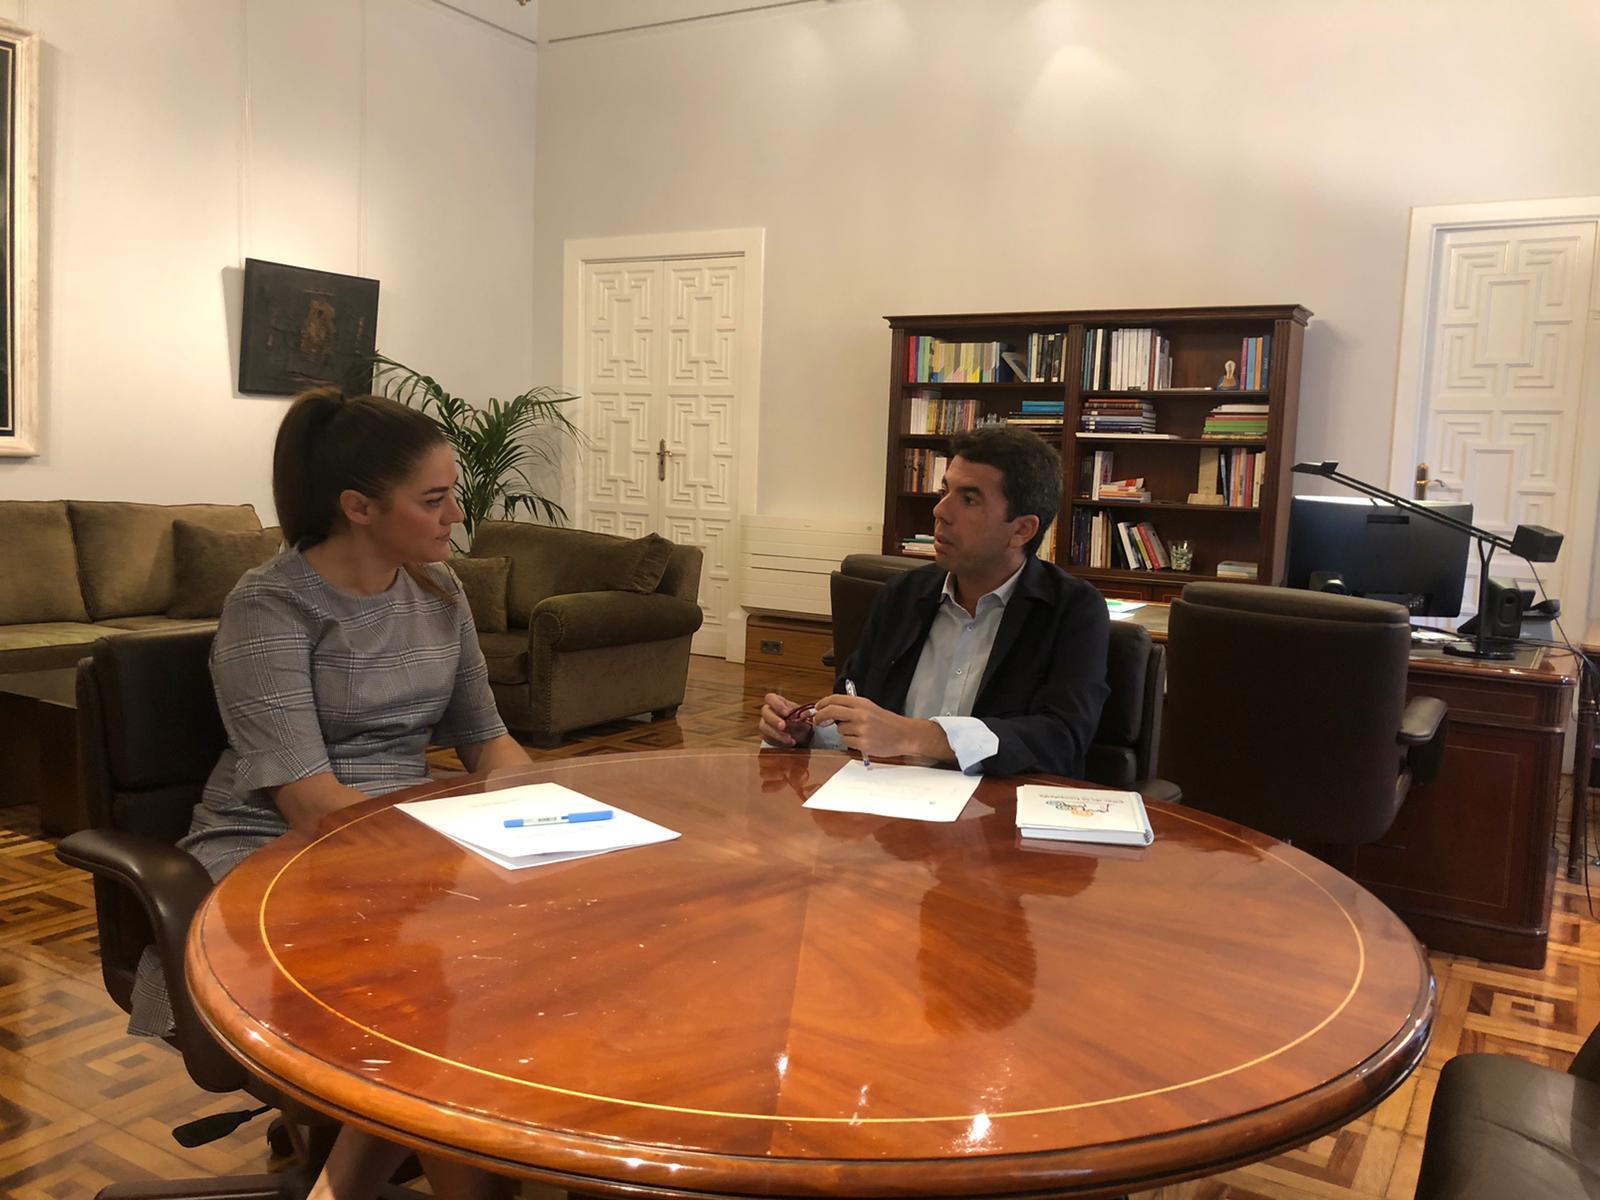 Mireia Mollà pide al Ministerio un informe que justifique técnicamente la subida de precios de Agroseguro